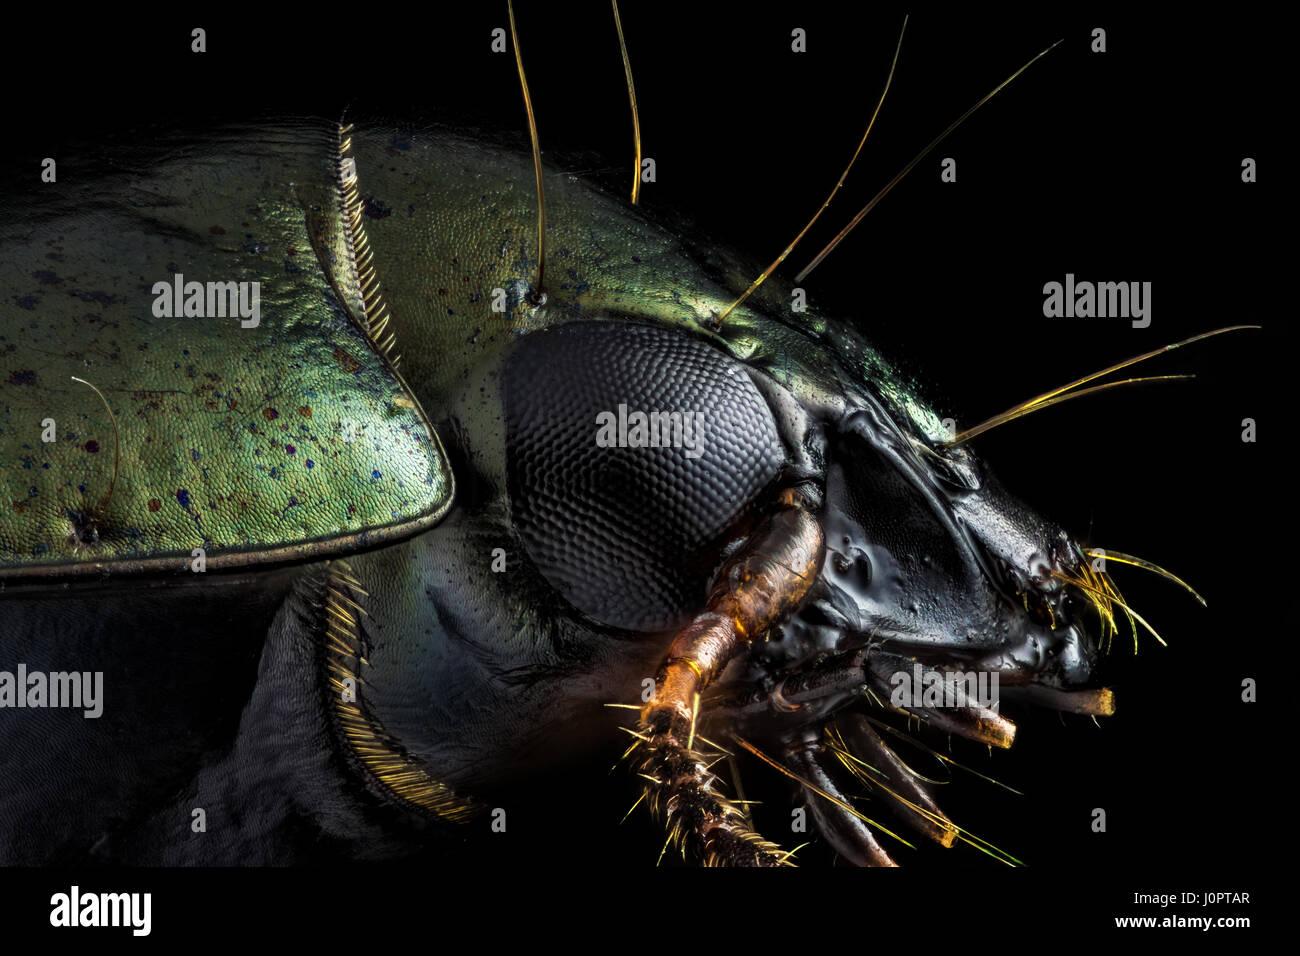 Extreme Makro - Profilbildnis eines grünen Käfers fotografiert durch ein Mikroskop bei X10 Vergrößerung. Stockbild